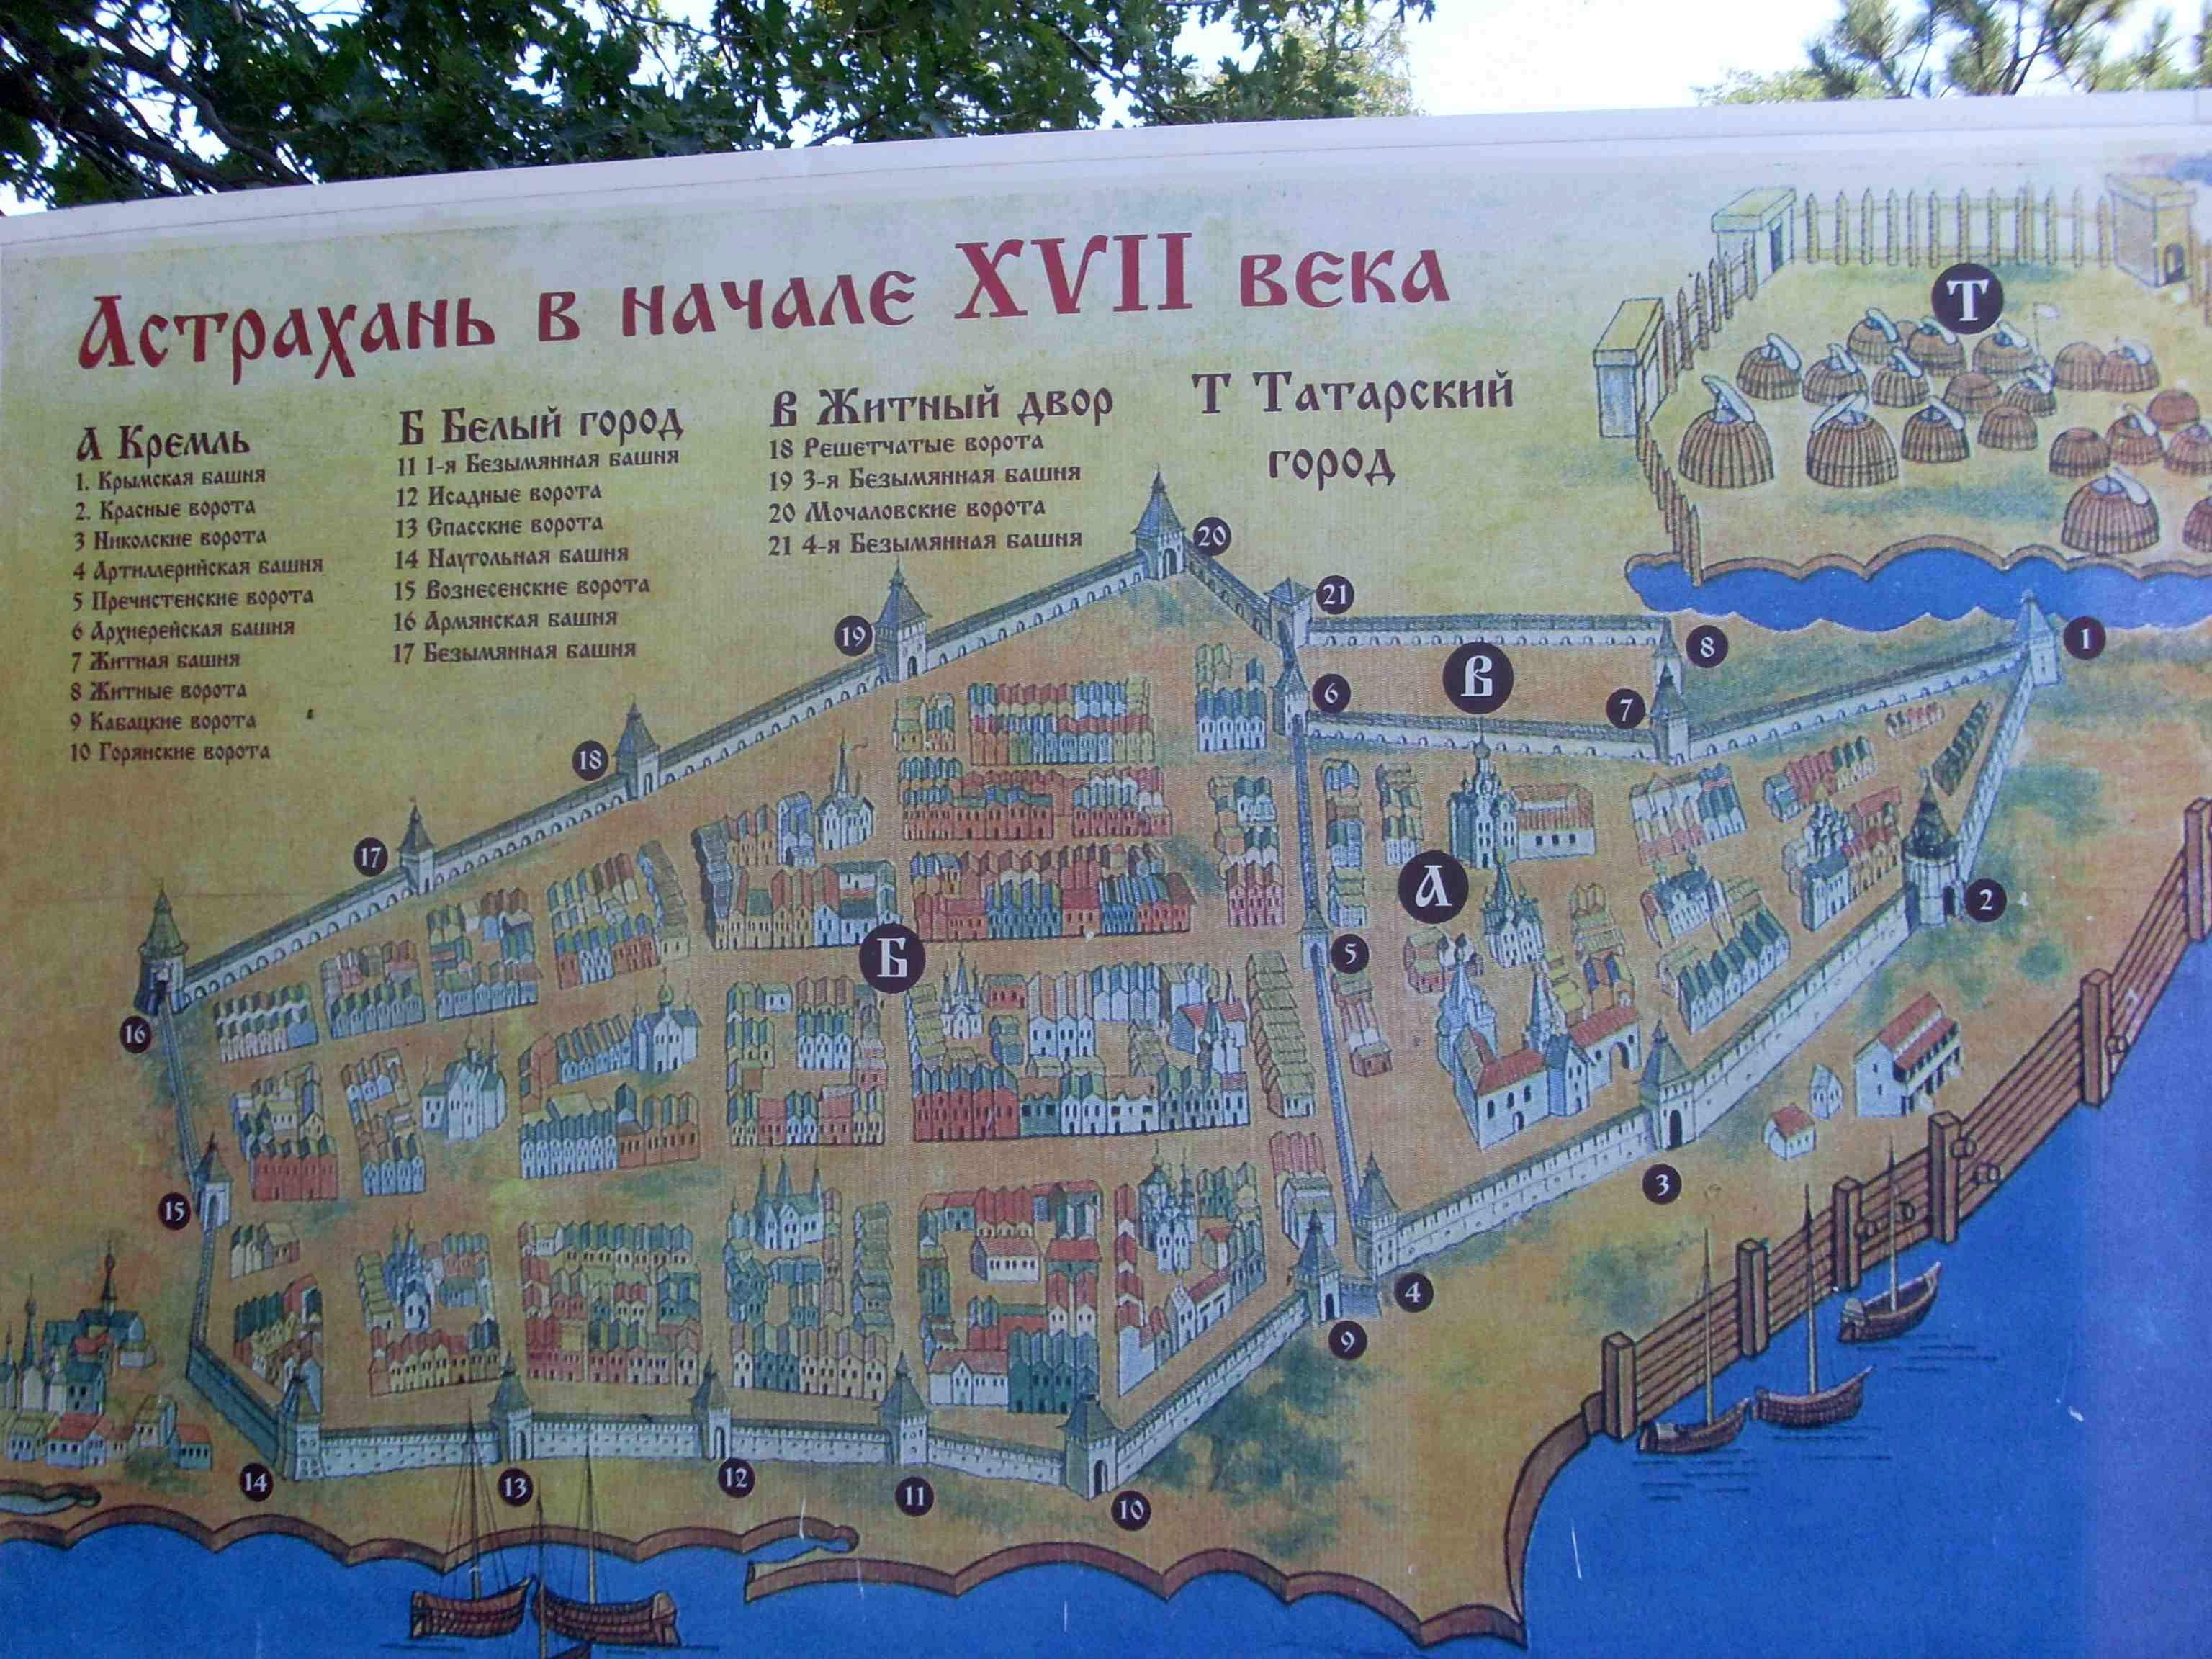 План города Астрахань в начале 17 века